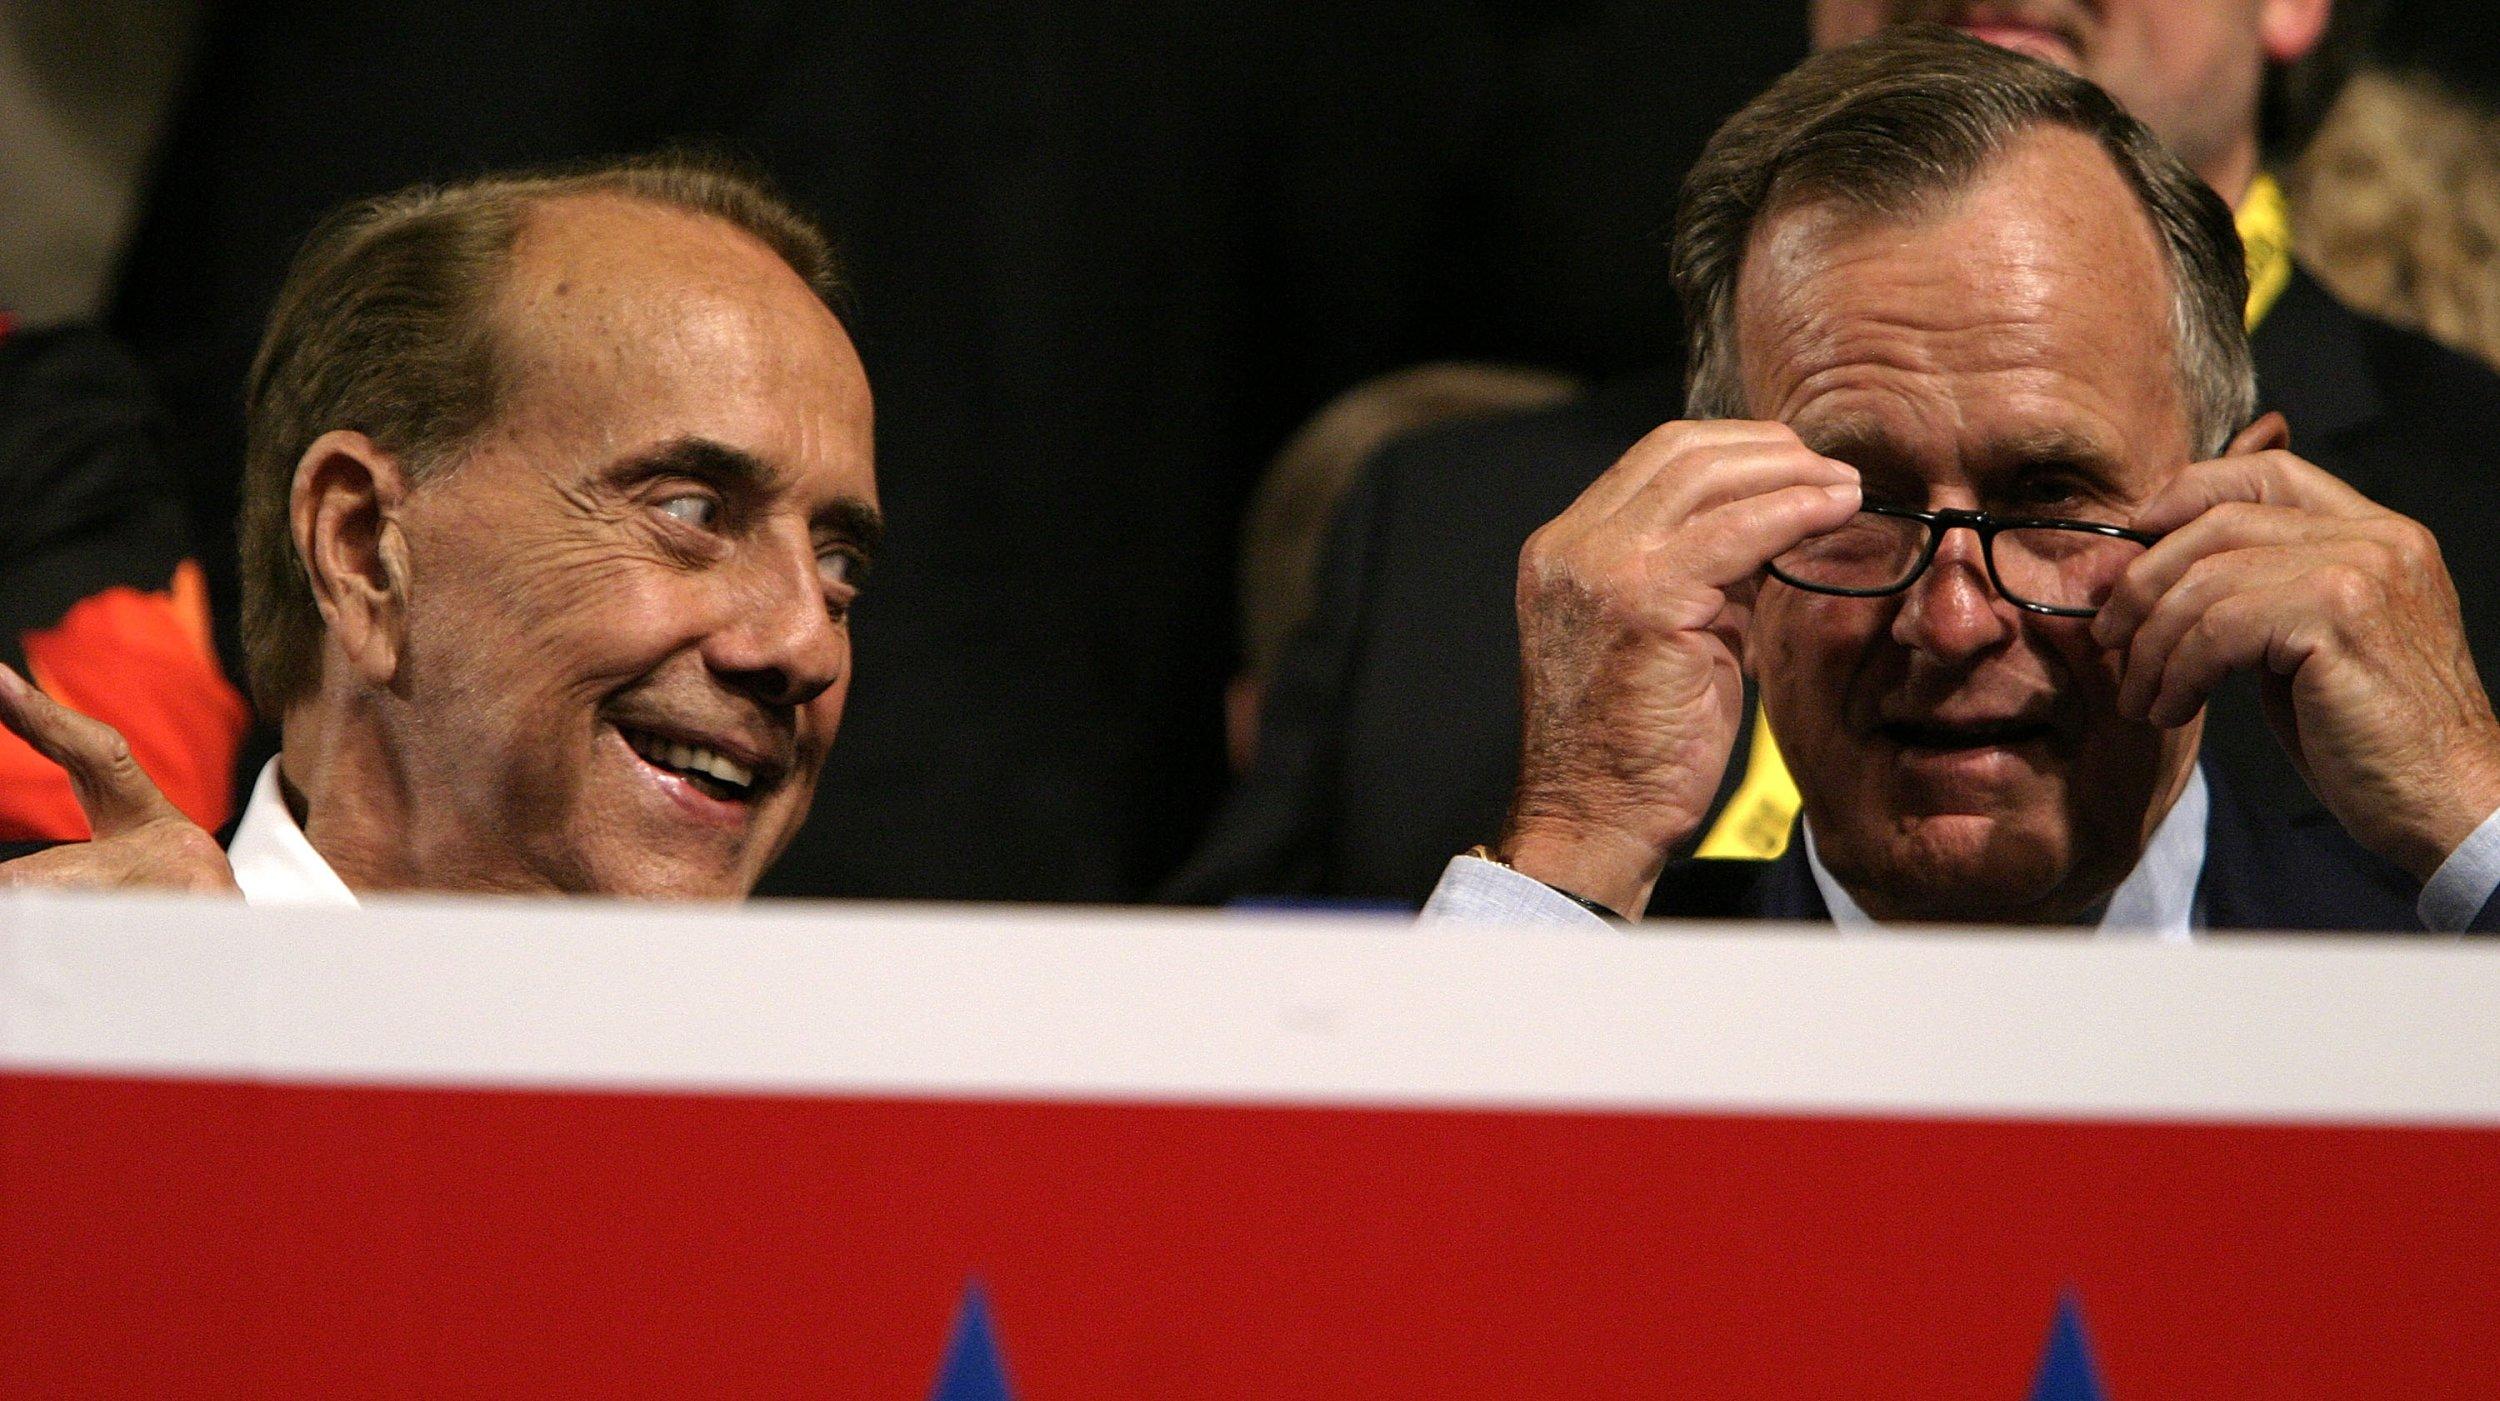 Bob Dole and George H.W. Bush